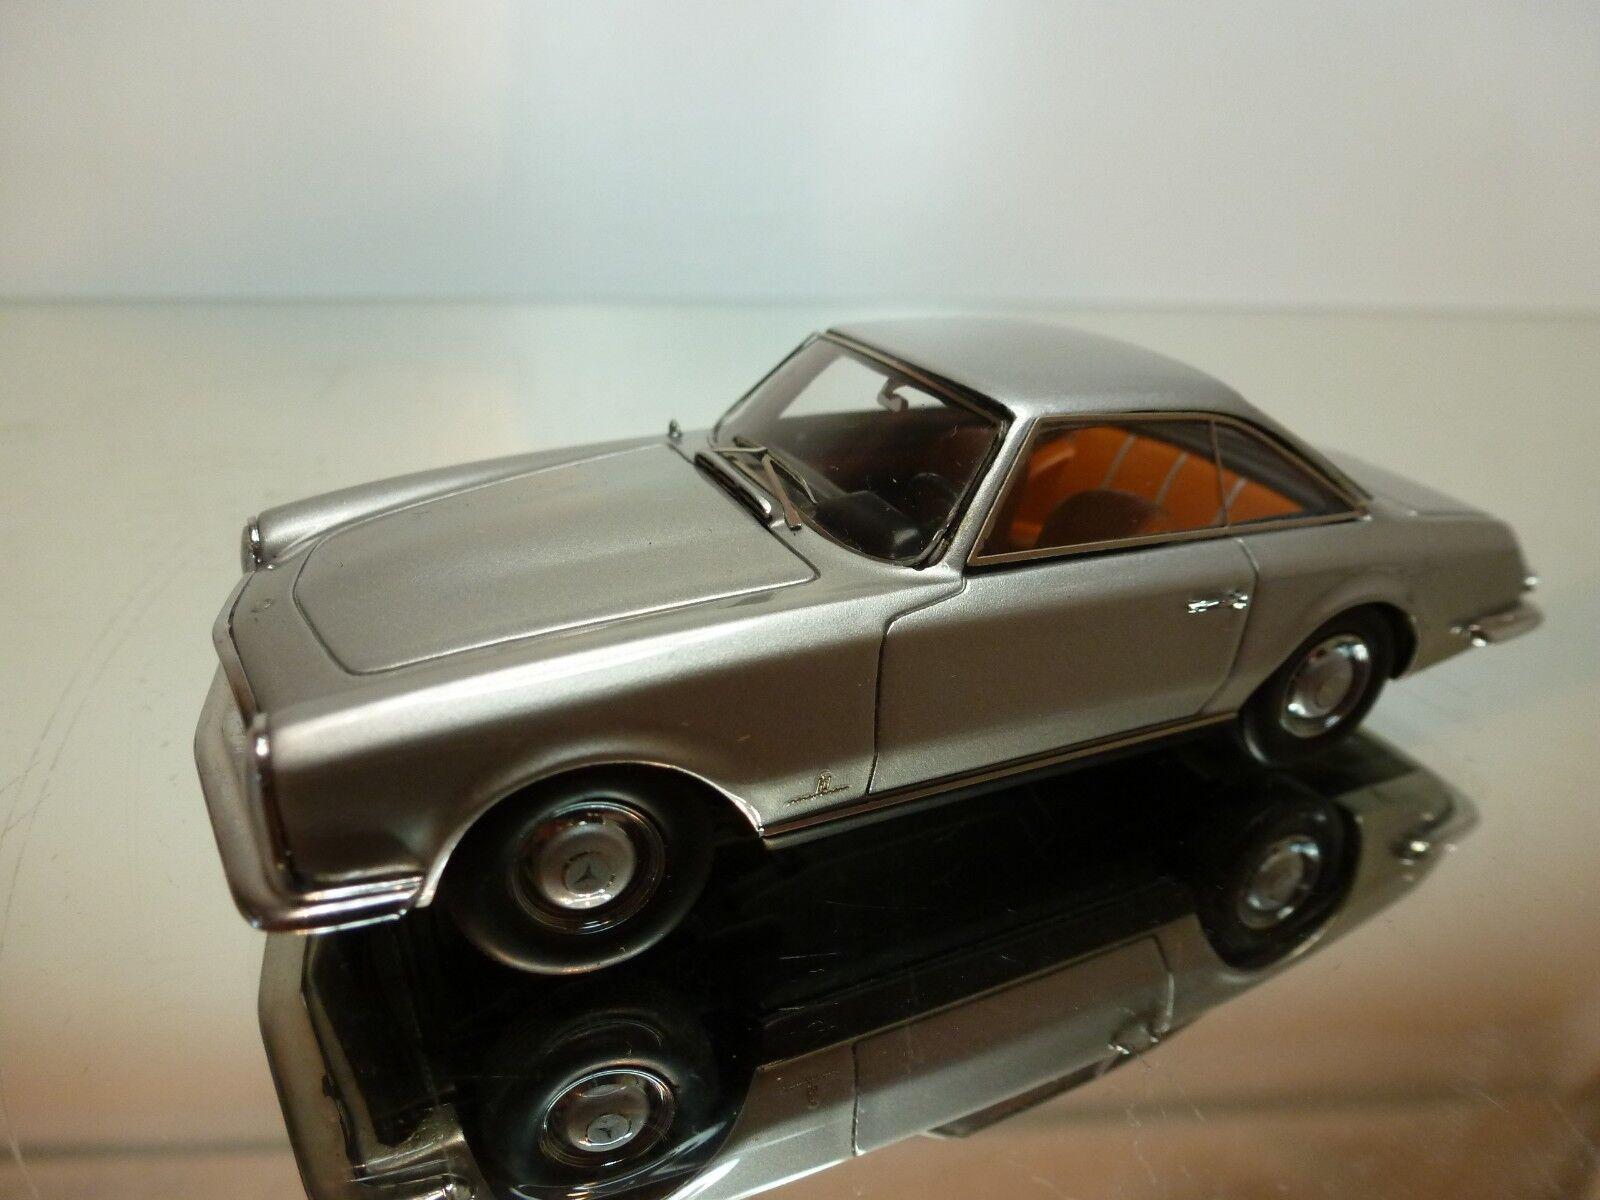 NEO MERCEDES-BENZ 230 SL PININFARINA 1956 - gris 1 43 - EXCELLENT - RARE - 23